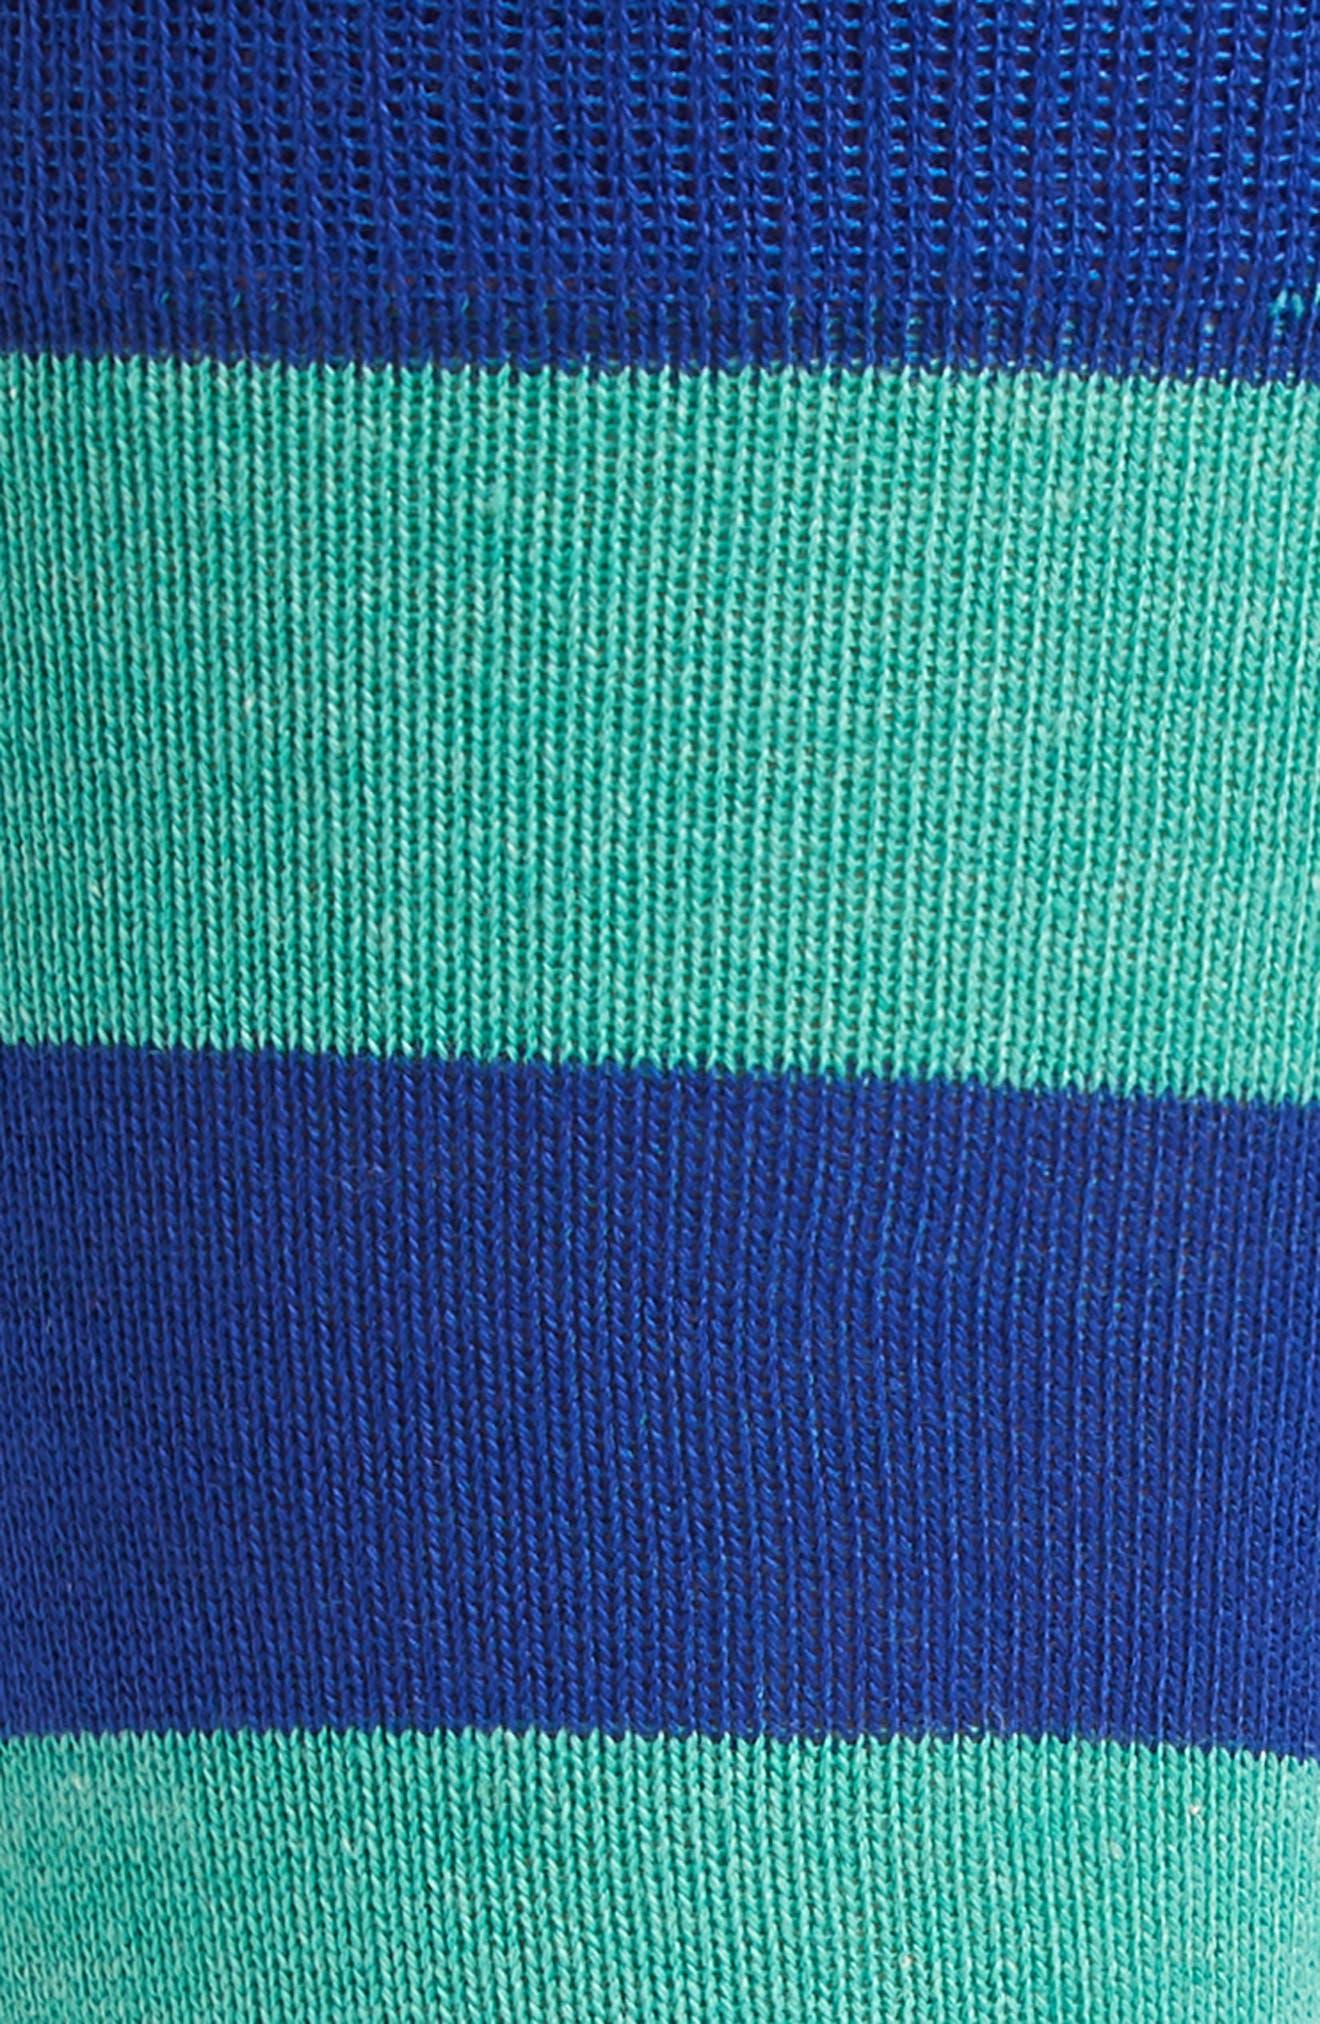 Stripe Socks,                             Alternate thumbnail 2, color,                             Green/ Blue